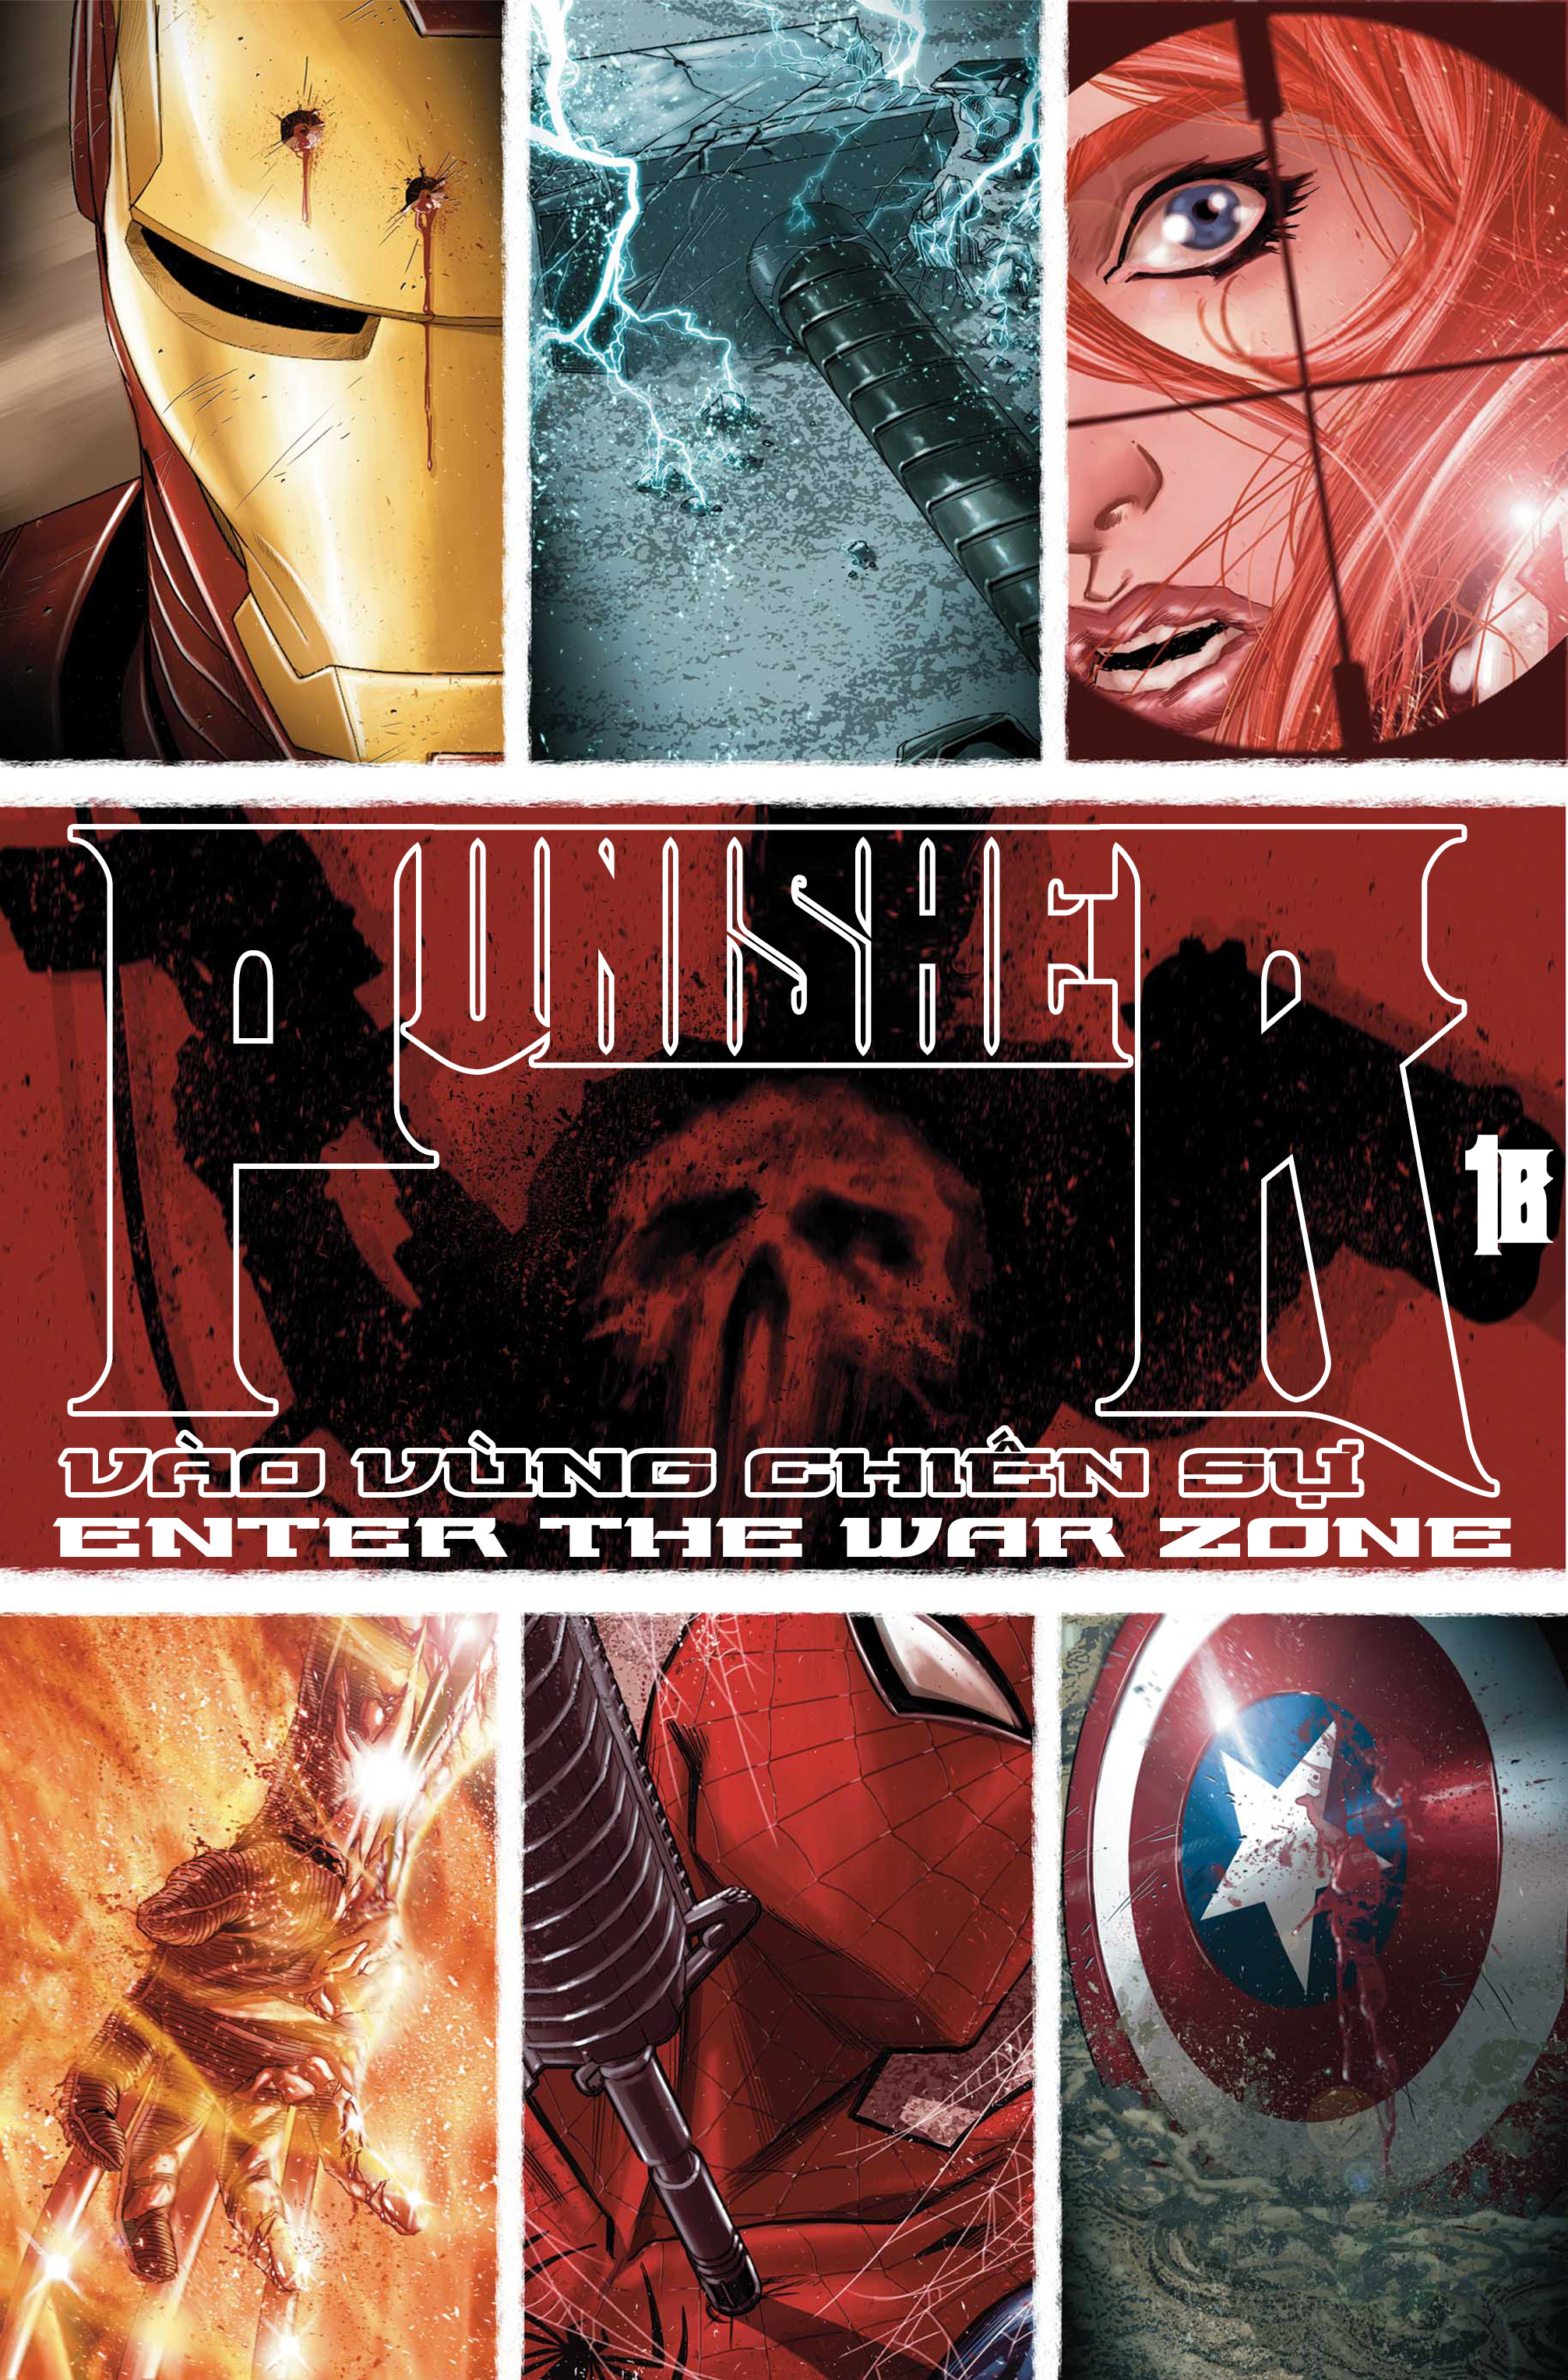 Punisher: Vào Vùng Chiến Sự | Enter The War Zone